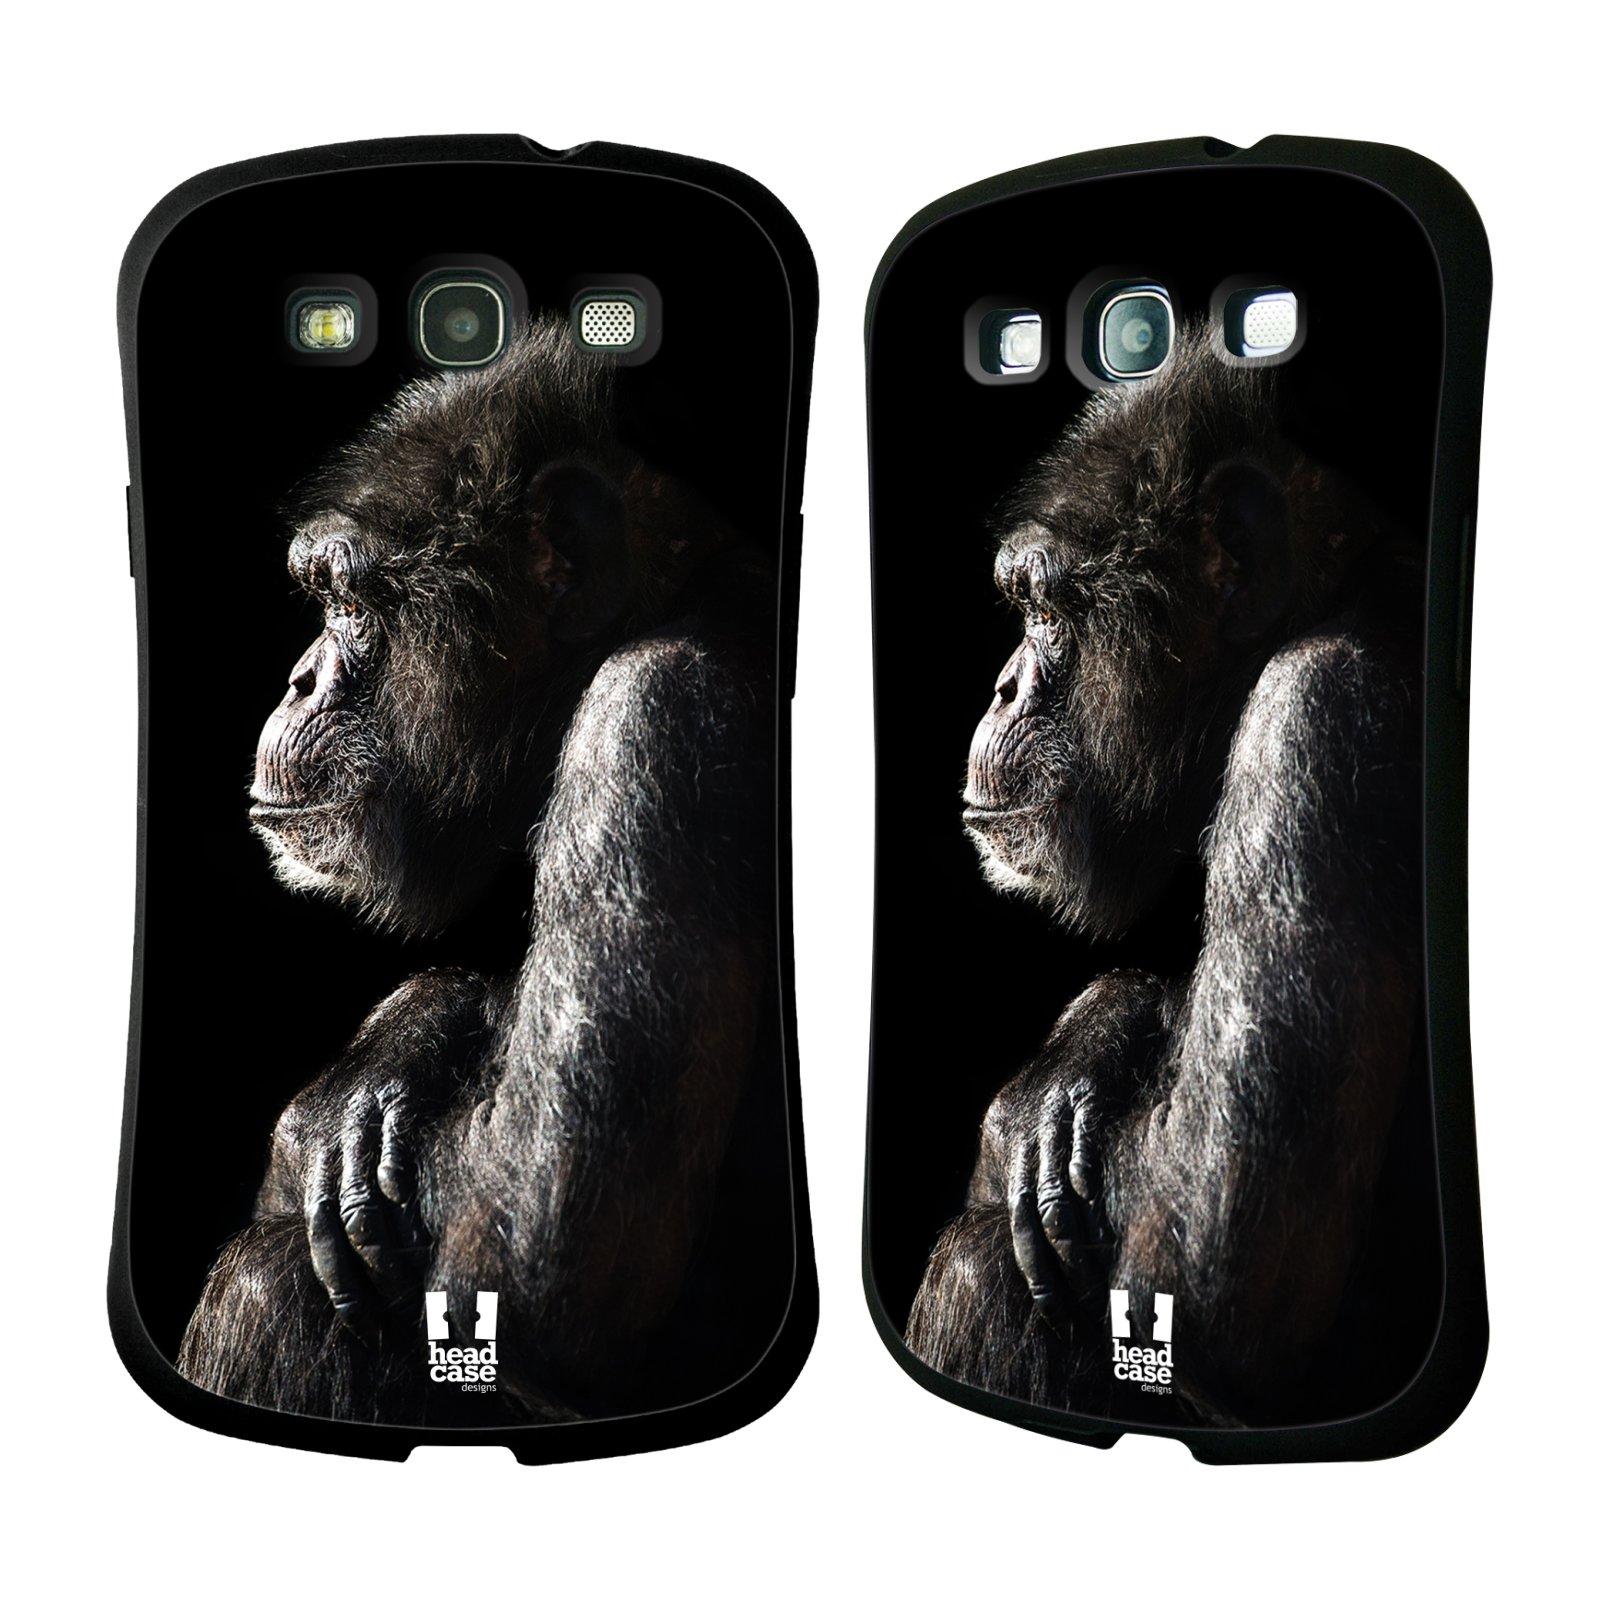 HEAD CASE silikon/plast odolný obal na mobil Samsung Galaxy S3 vzor Divočina, Divoký život a zvířata foto ŠIMPANZ